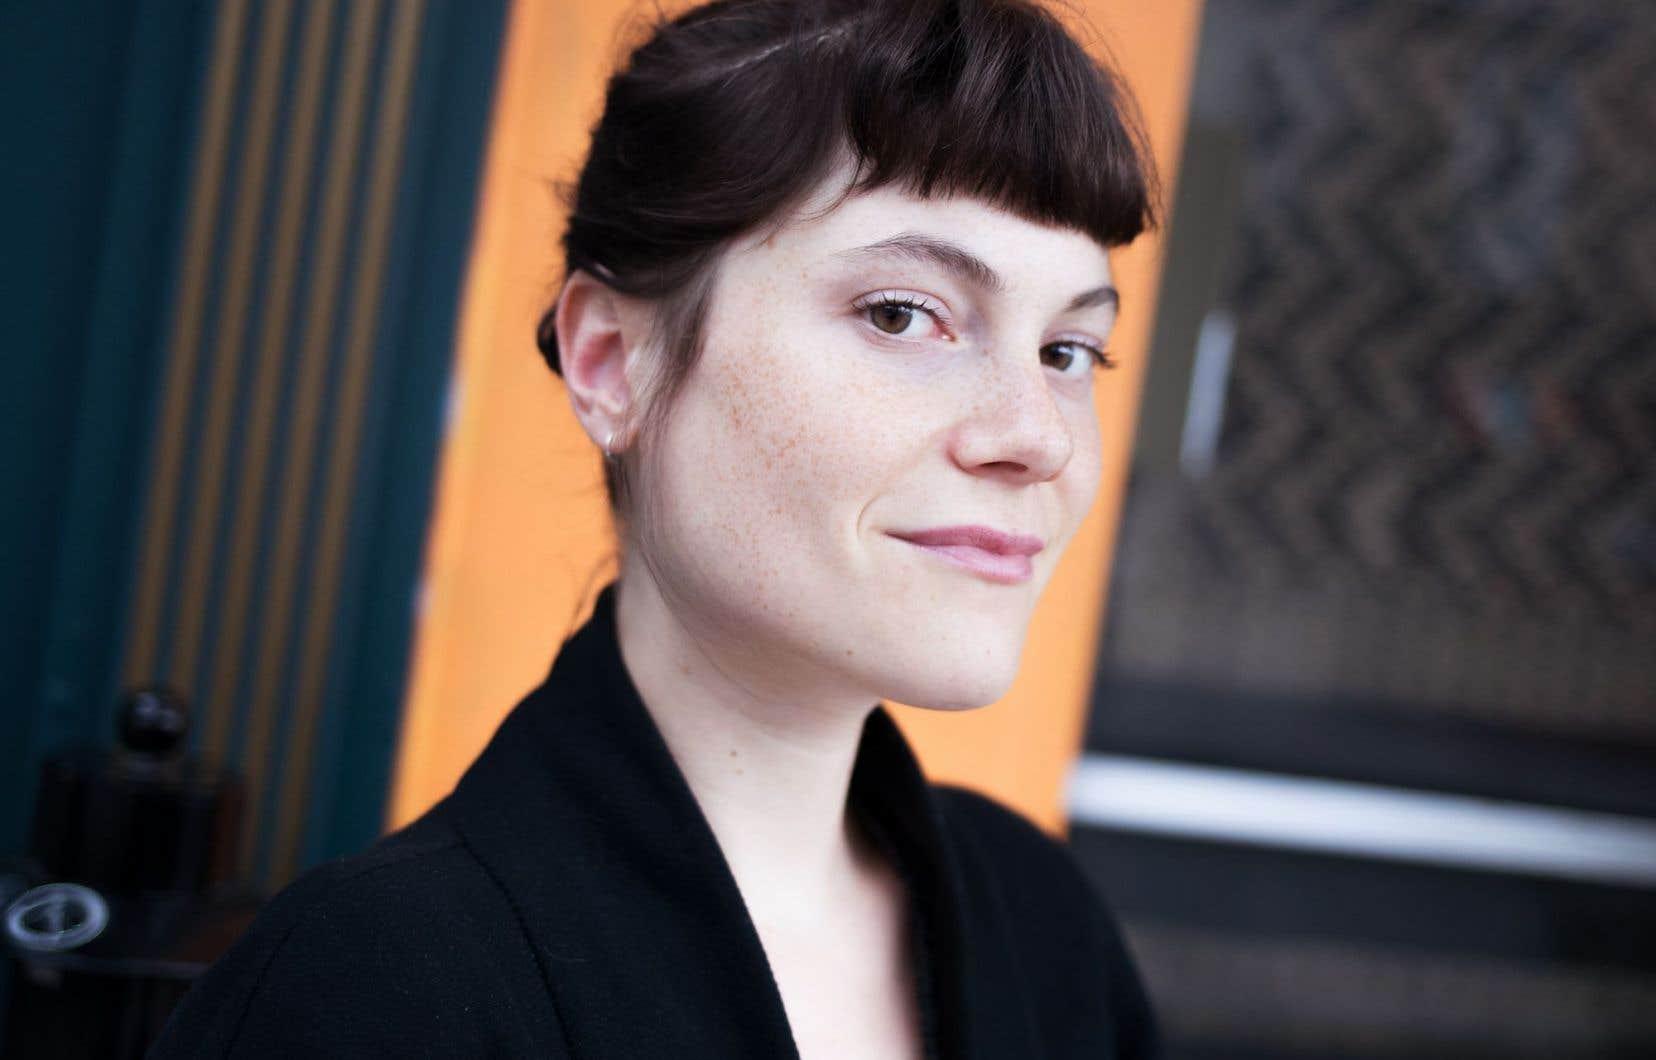 Julianne Coté invite les spectateurs à venir voir des morceaux choisis dans le parcours de Pfeiffer, certains remontant à ses débuts, d'autres passés sous le radar.